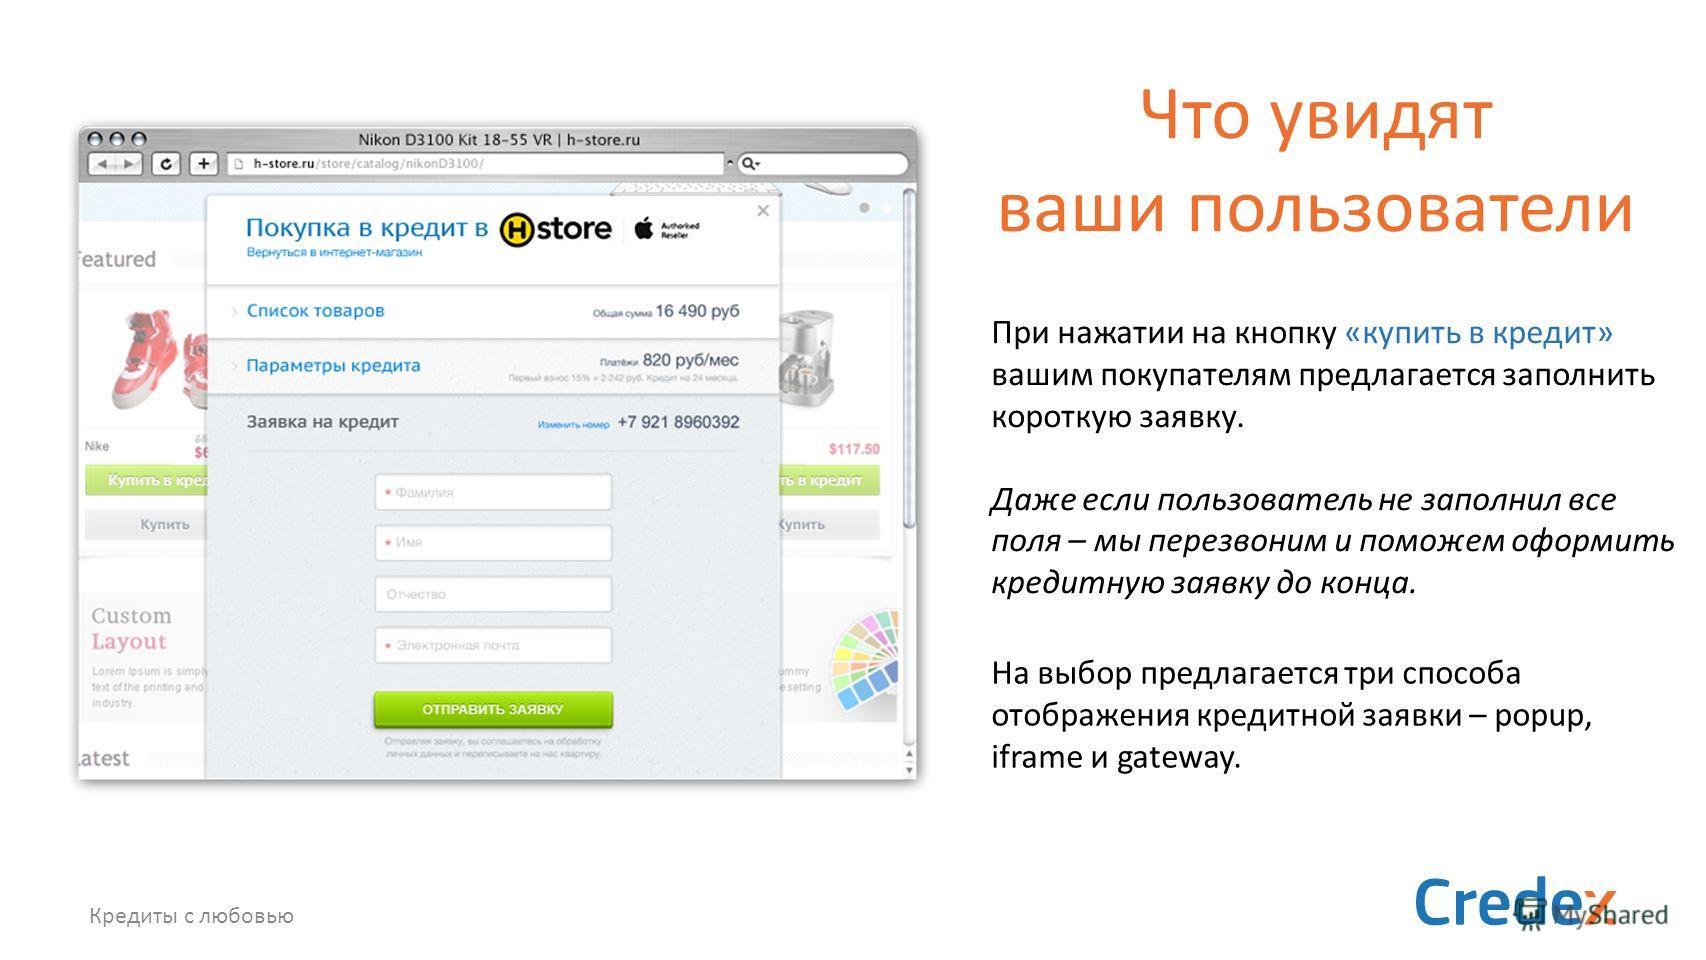 Кредиты с любовью Что увидят ваши пользователи При нажатии на кнопку «купить в кредит» вашим покупателям предлагается заполнить короткую заявку. Даже если пользователь не заполнил все поля – мы перезвоним и поможем оформить кредитную заявку до конца.